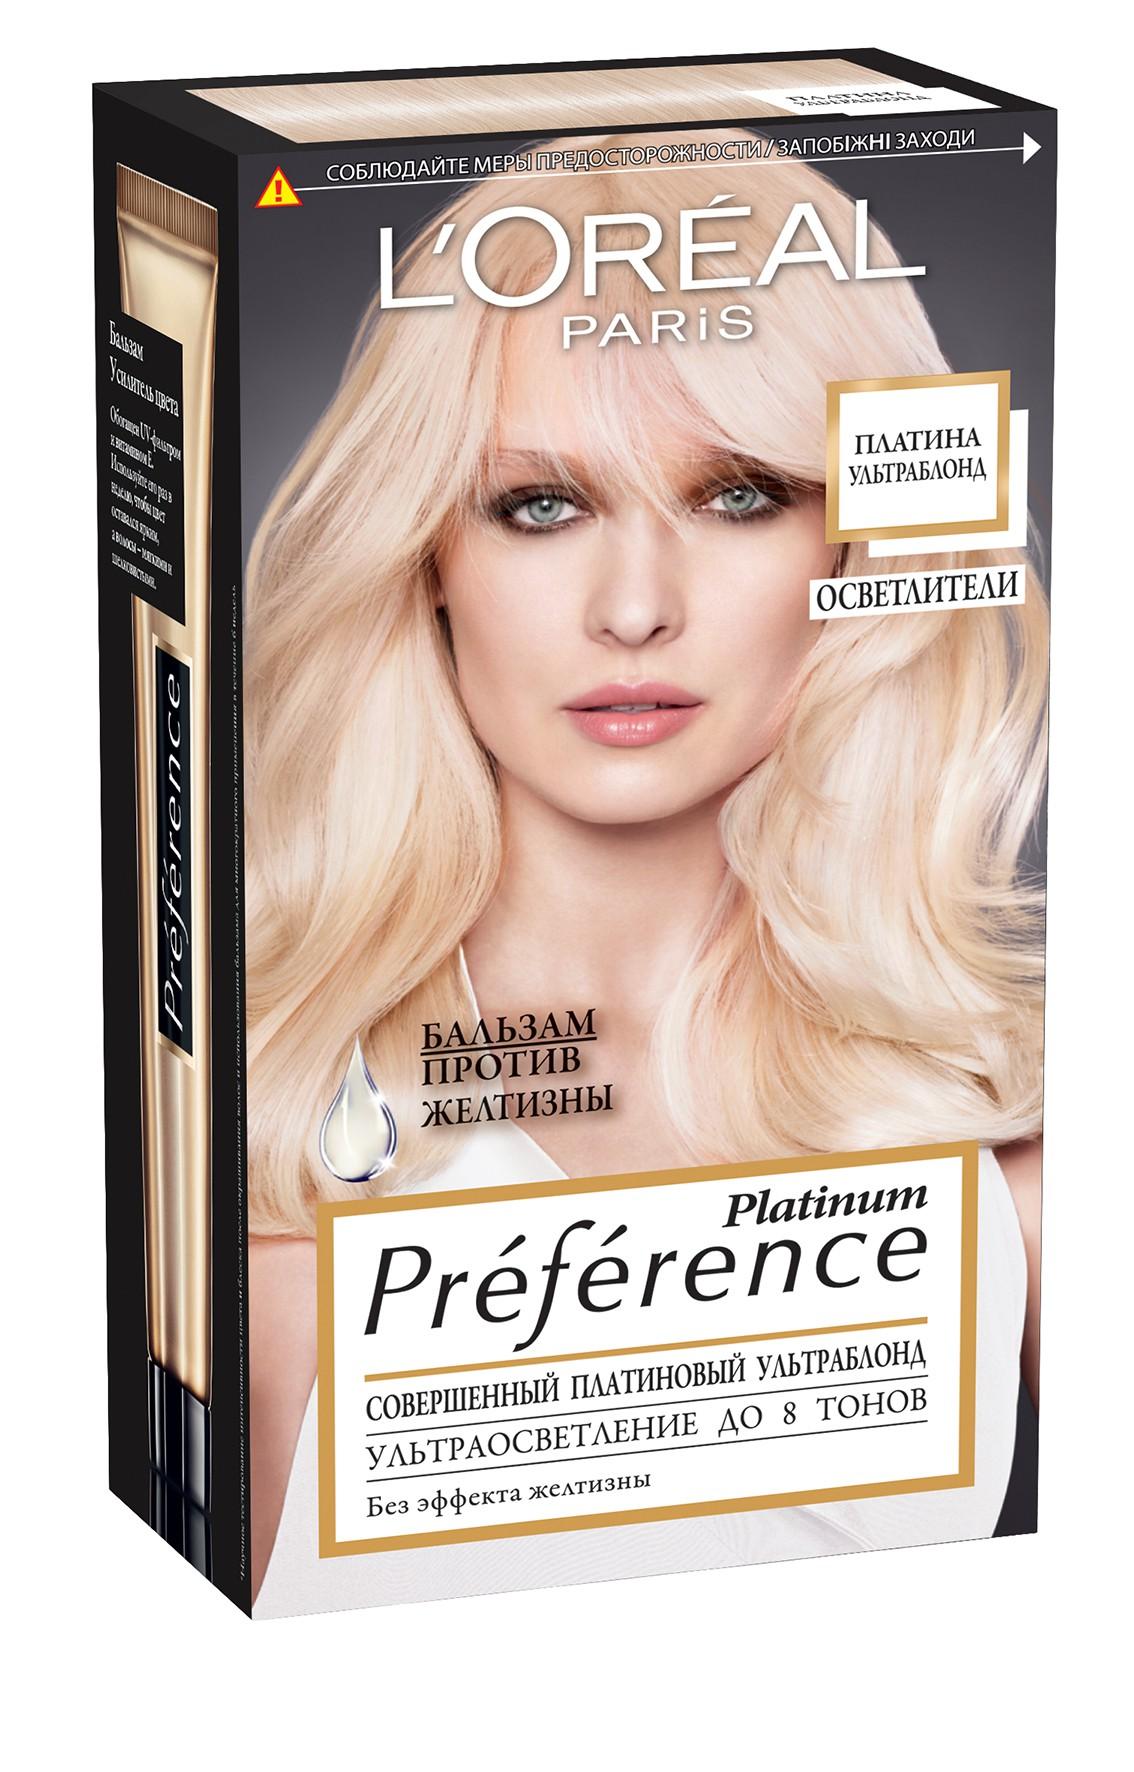 LOreal Paris Стойкая краска для волос Preference, Платина Ультраблонд, 8 тонов осветленияA6737101Последнее поколение средств для достижения совершенного ПЛАТИНОВОГО УЛЬТРАБЛОНДА - краска Preference Platinum от LOreal Paris. Инновационная формула осветляет волосы до 8-ми тонов. Превосходный результат окрашивания волос дома! Бальзам обогащен холодными красителями ПРОТИВ ЖЕЛТИЗНЫ. Комплекс ЭКСТРА-БЛЕСК обеспечивает роскошное сияние надолго!В состав упаковки входит: тюбик с осветляющим кремом (25 мл), флакон с проявляющим кремом (75 мл), упаковка осветляющего порошка (22 г), бальзам против желтизны (54 мл), инструкция по применению, пара перчаток.1. Стойкий сияющий цвет 2. Делает волосы мягкими и шелковистыми 3. Полное закрашивание седины